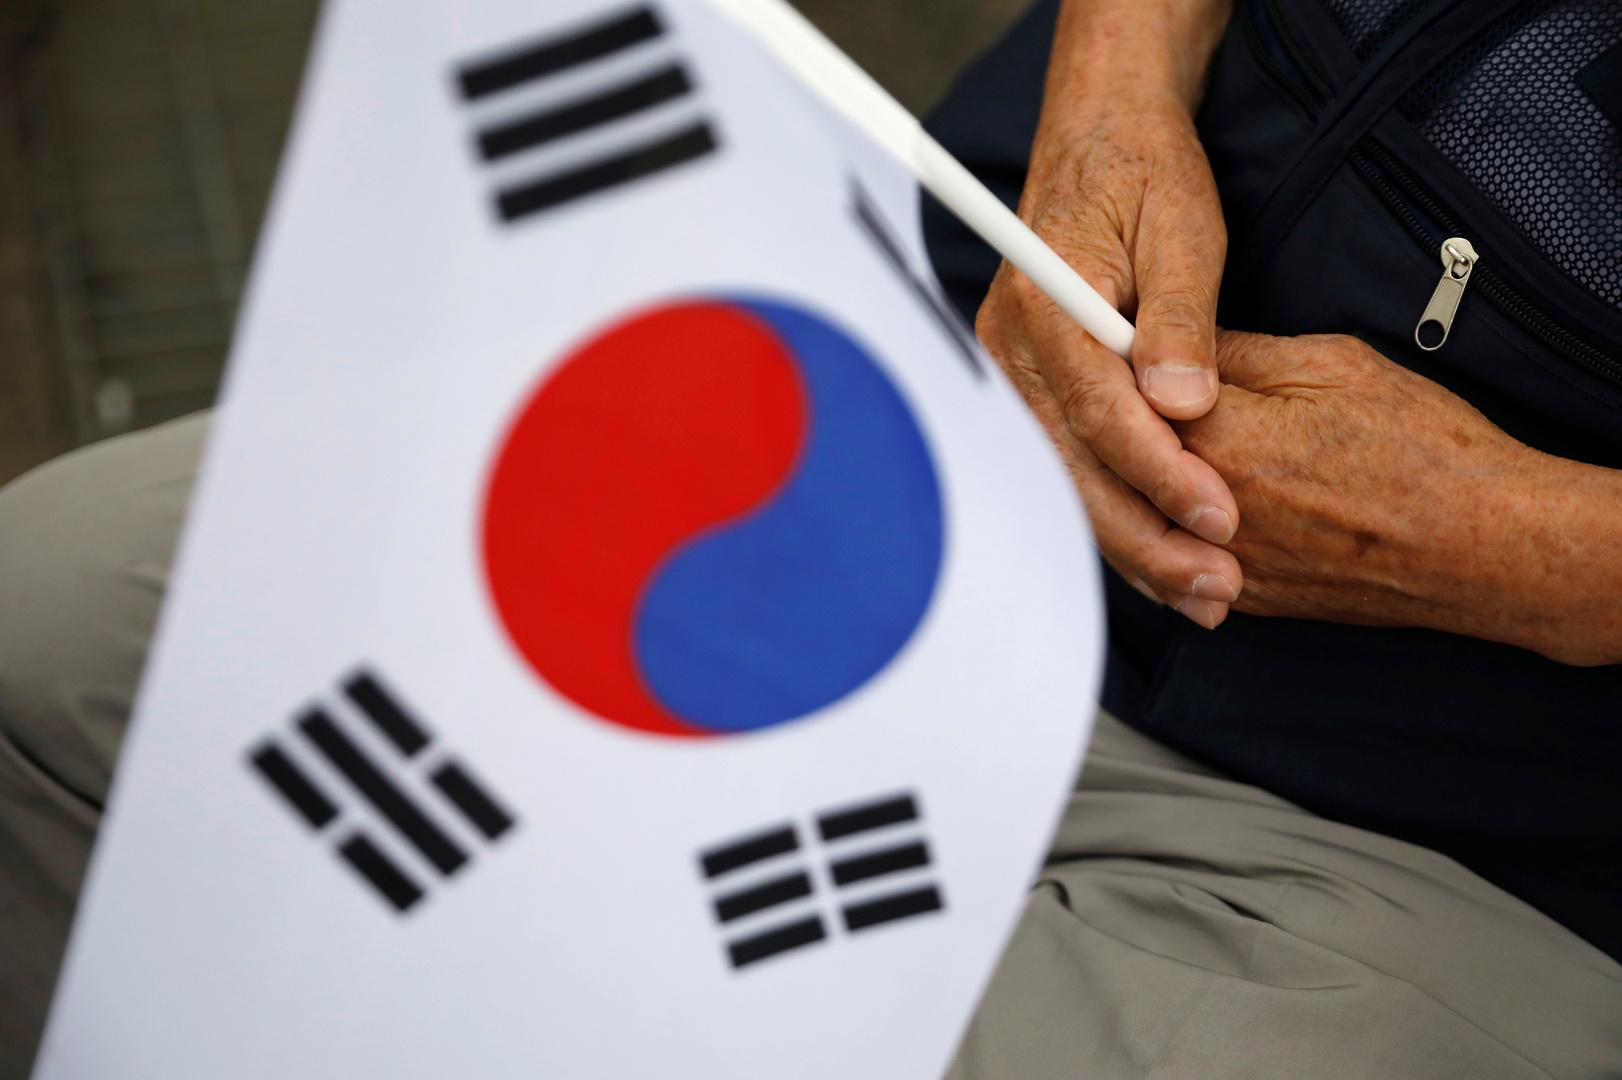 بعد فضيحة التحرش بنيوزيلندا.. كوريا الجنوبية تعيش نفس الواقعة ثانية في قنصليتها بلوس أنجلوس!